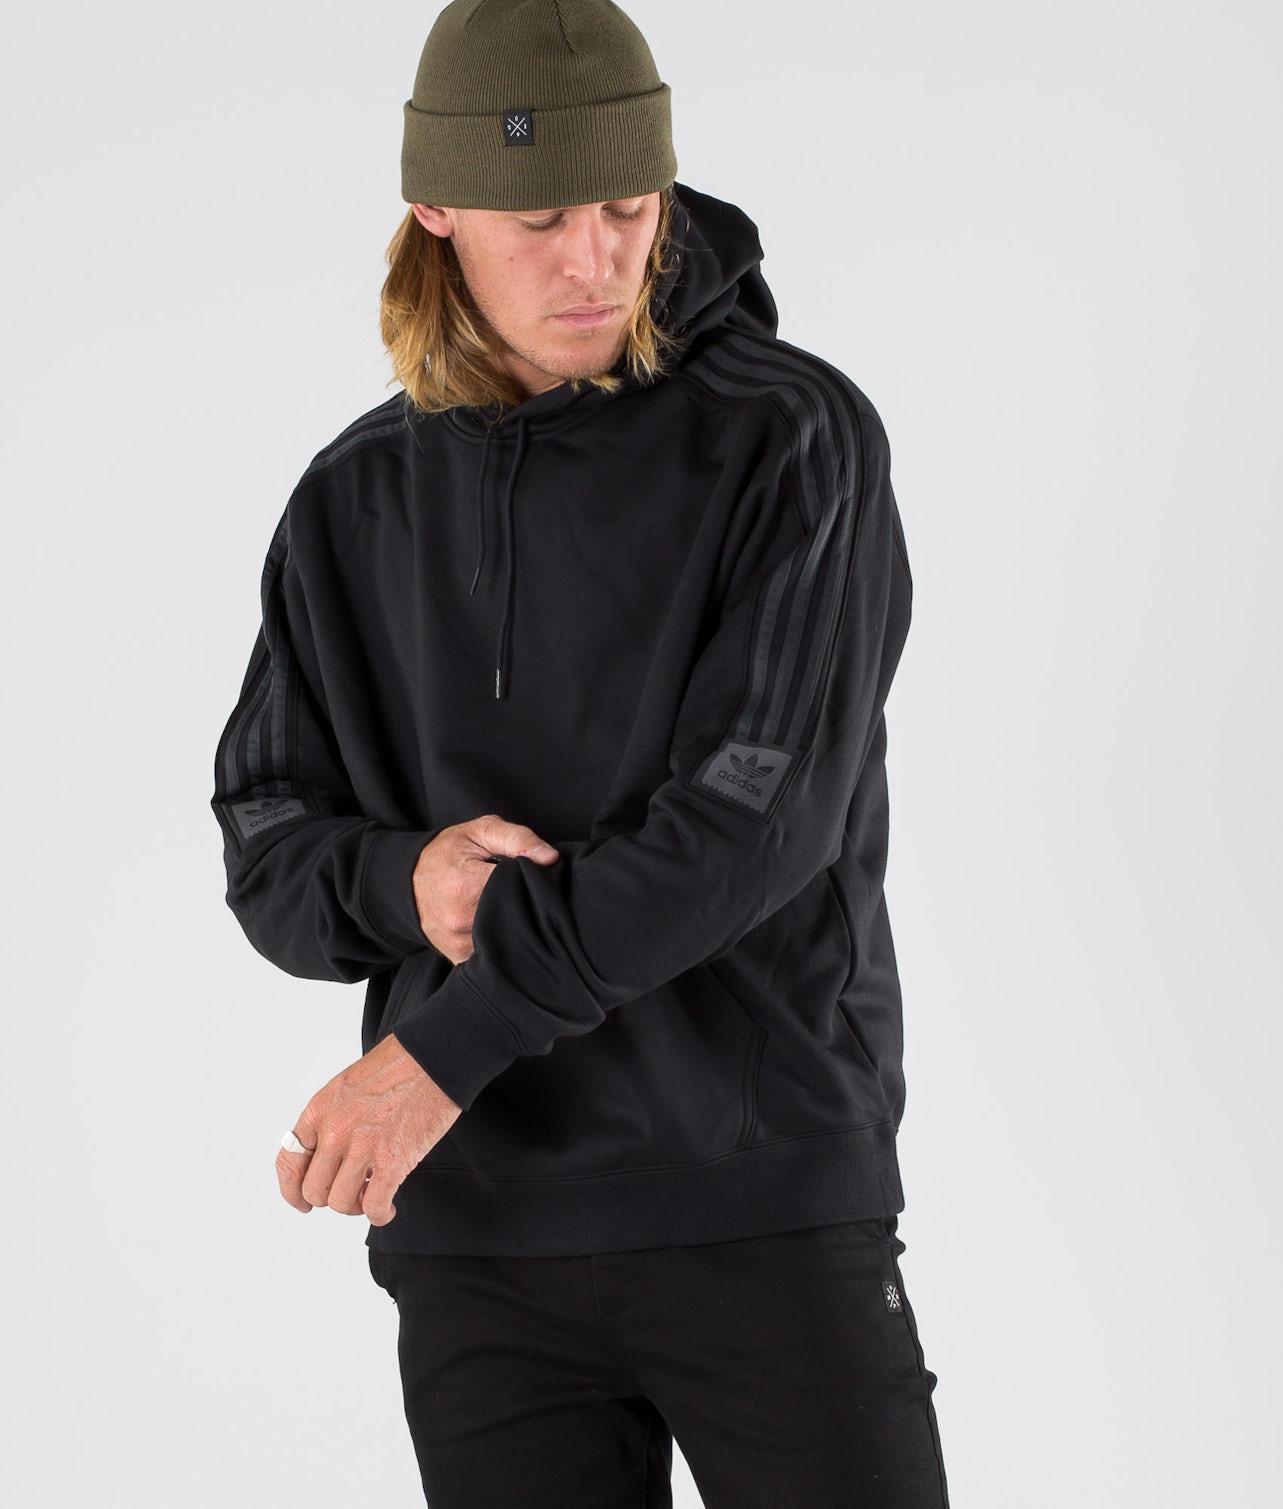 Kjøp Tech Hood fra Adidas Skateboarding på Ridestore.no - Hos oss har du alltid fri frakt, fri retur og 30 dagers åpent kjøp!